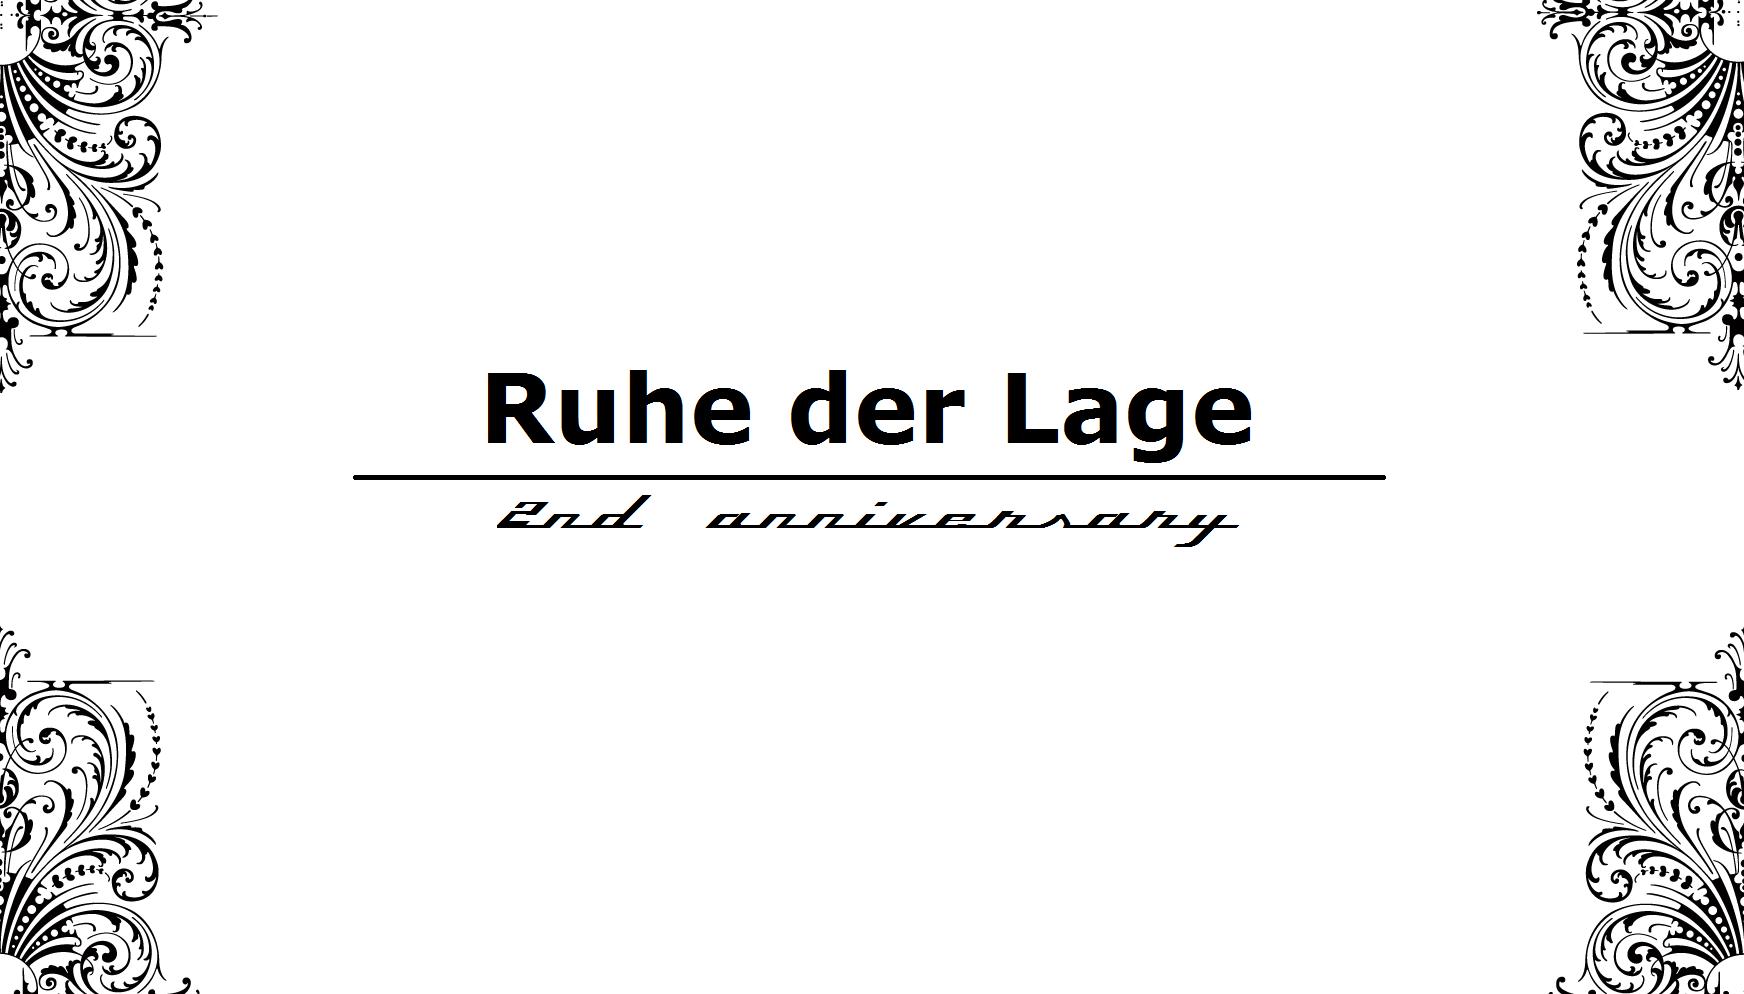 _RuhederLage2.png